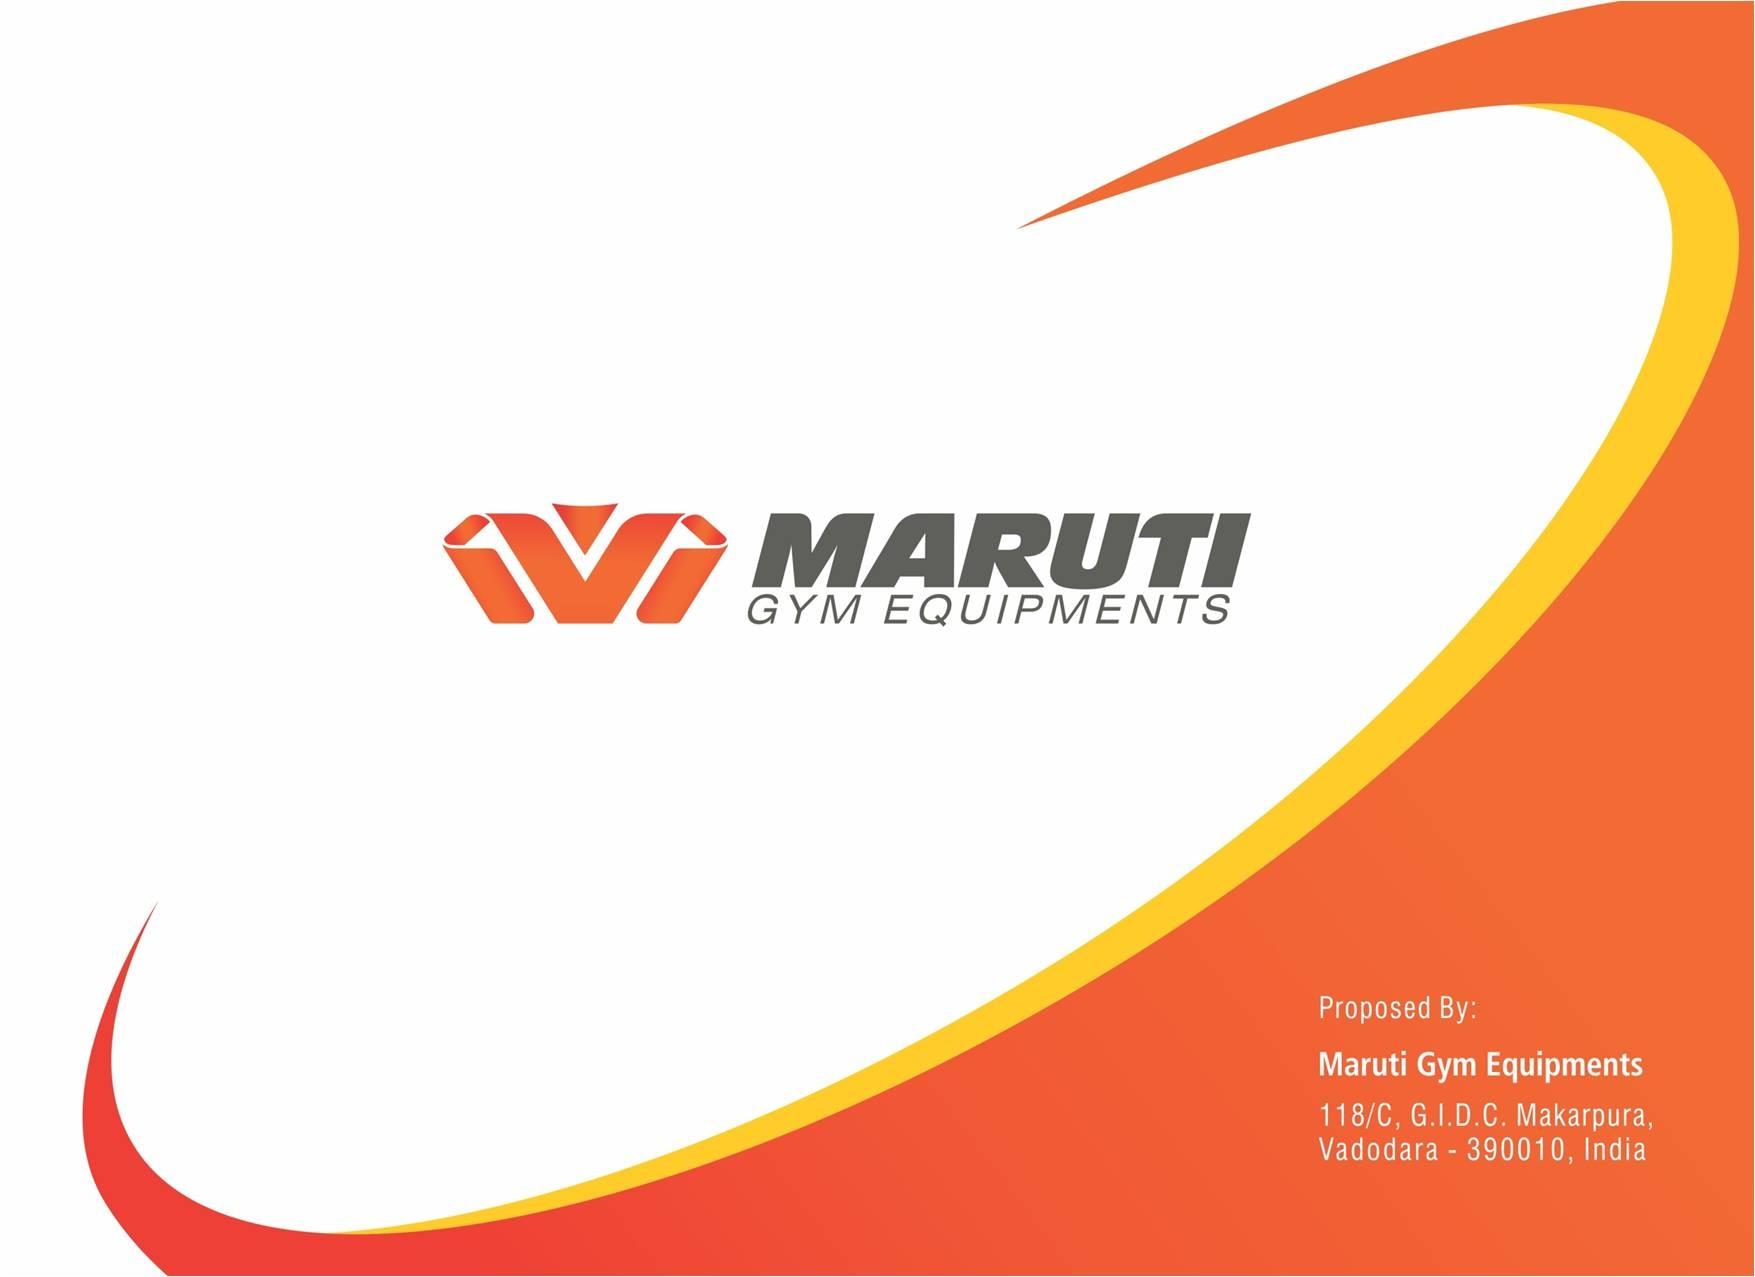 Logo of Maruti Gym Equipments